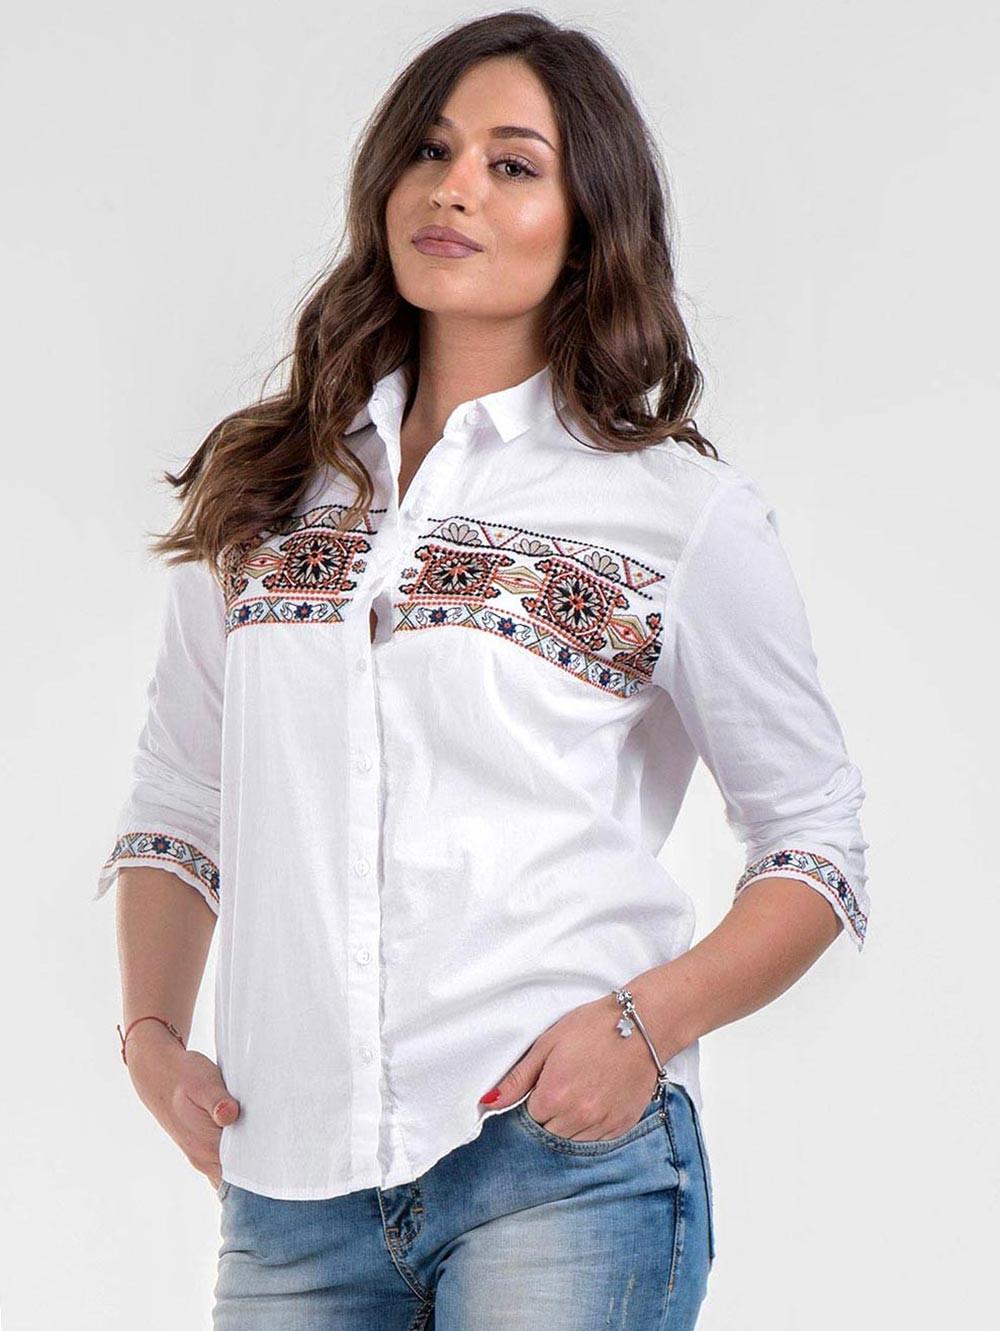 7ec2148d2db Бяла памучна дамска риза с бродерия | Ризи с дълъг ръкав от INDIGO Fashion